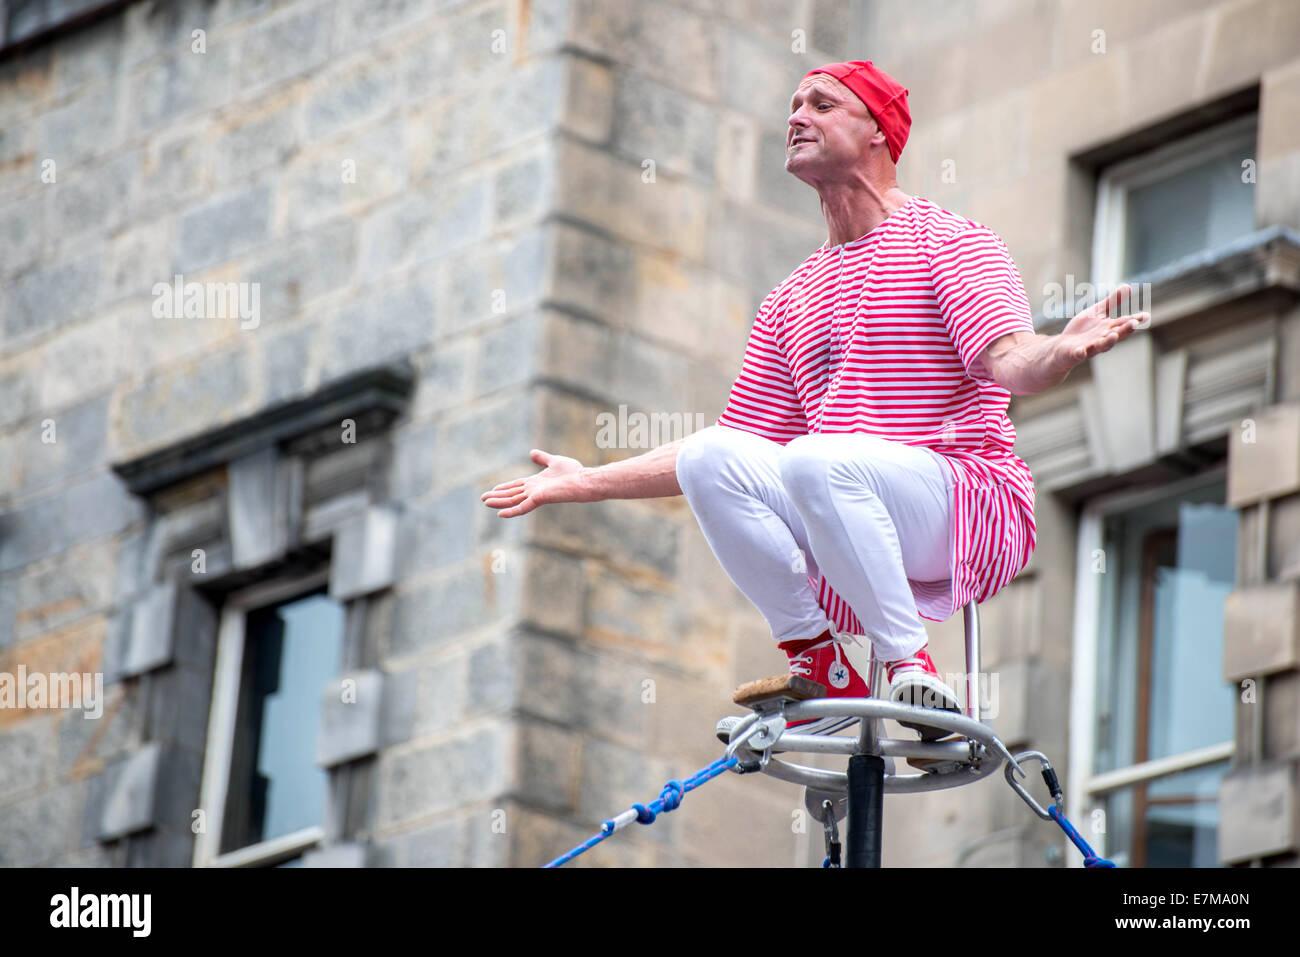 Street Performance at Edinburgh Fringe Festival 2014 - Stock Image